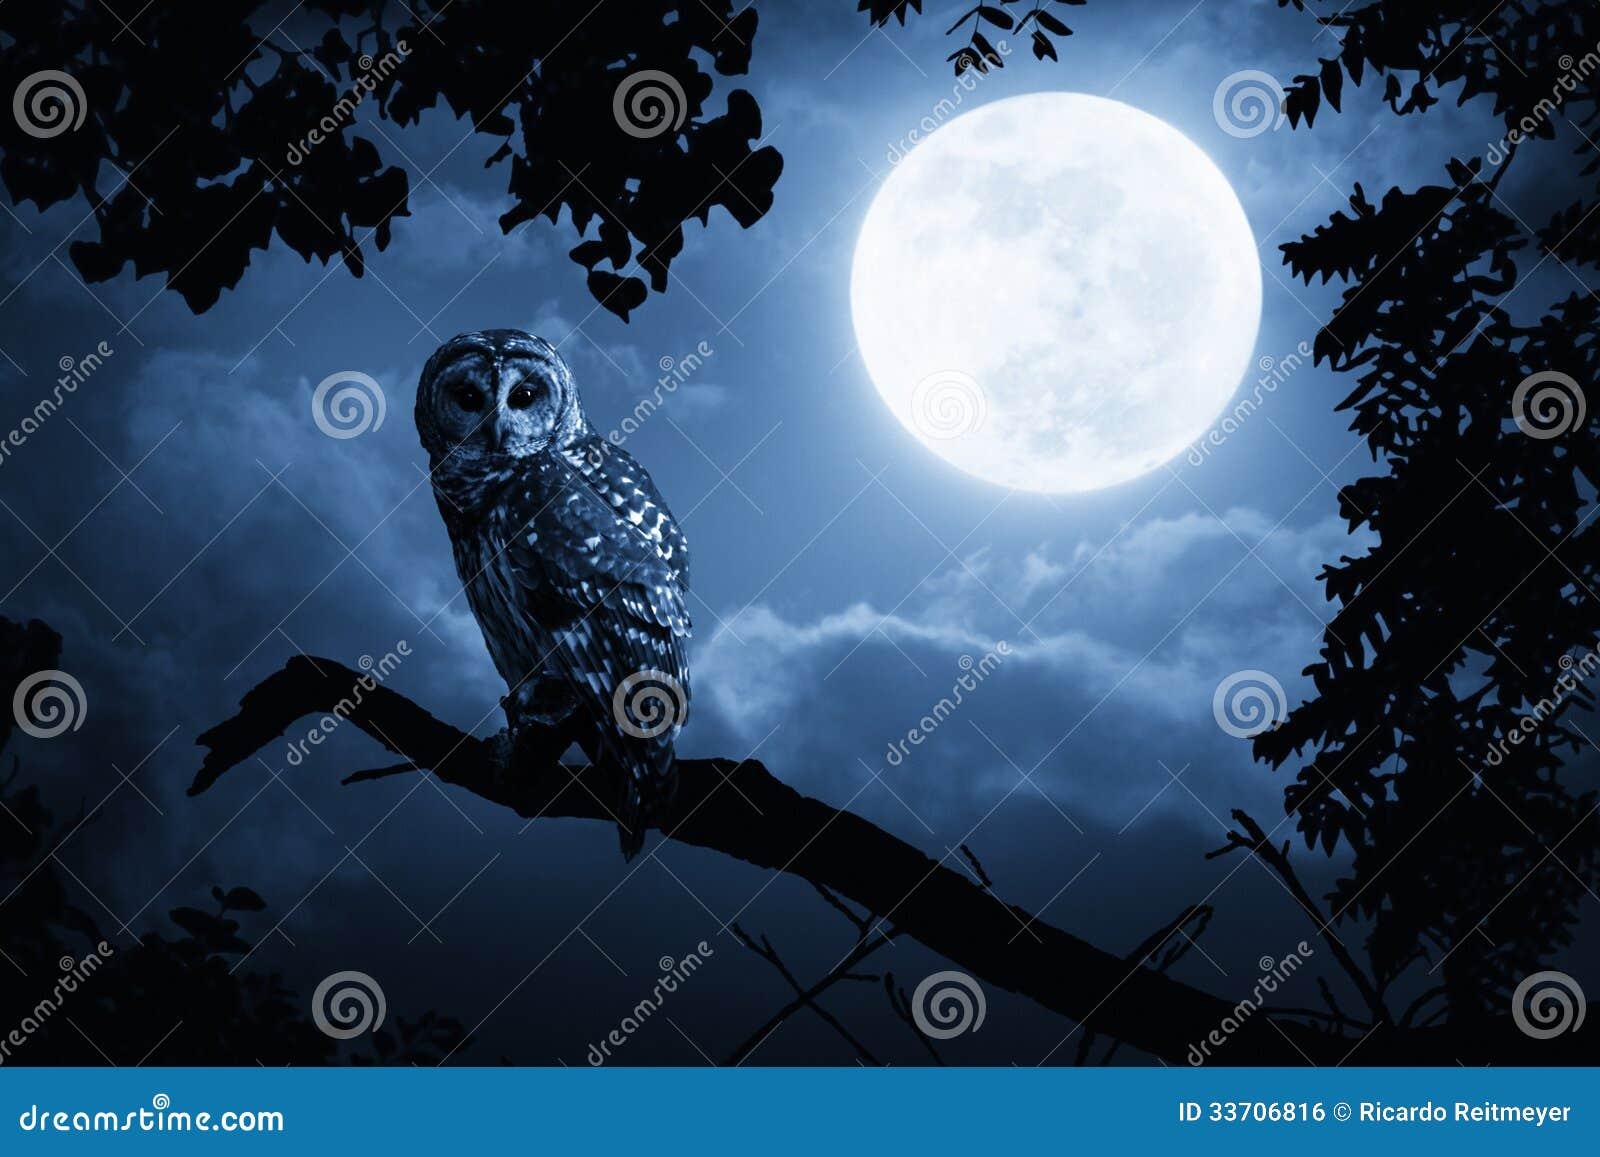 满月专心地照亮的猫头鹰手表在万圣夜夜上